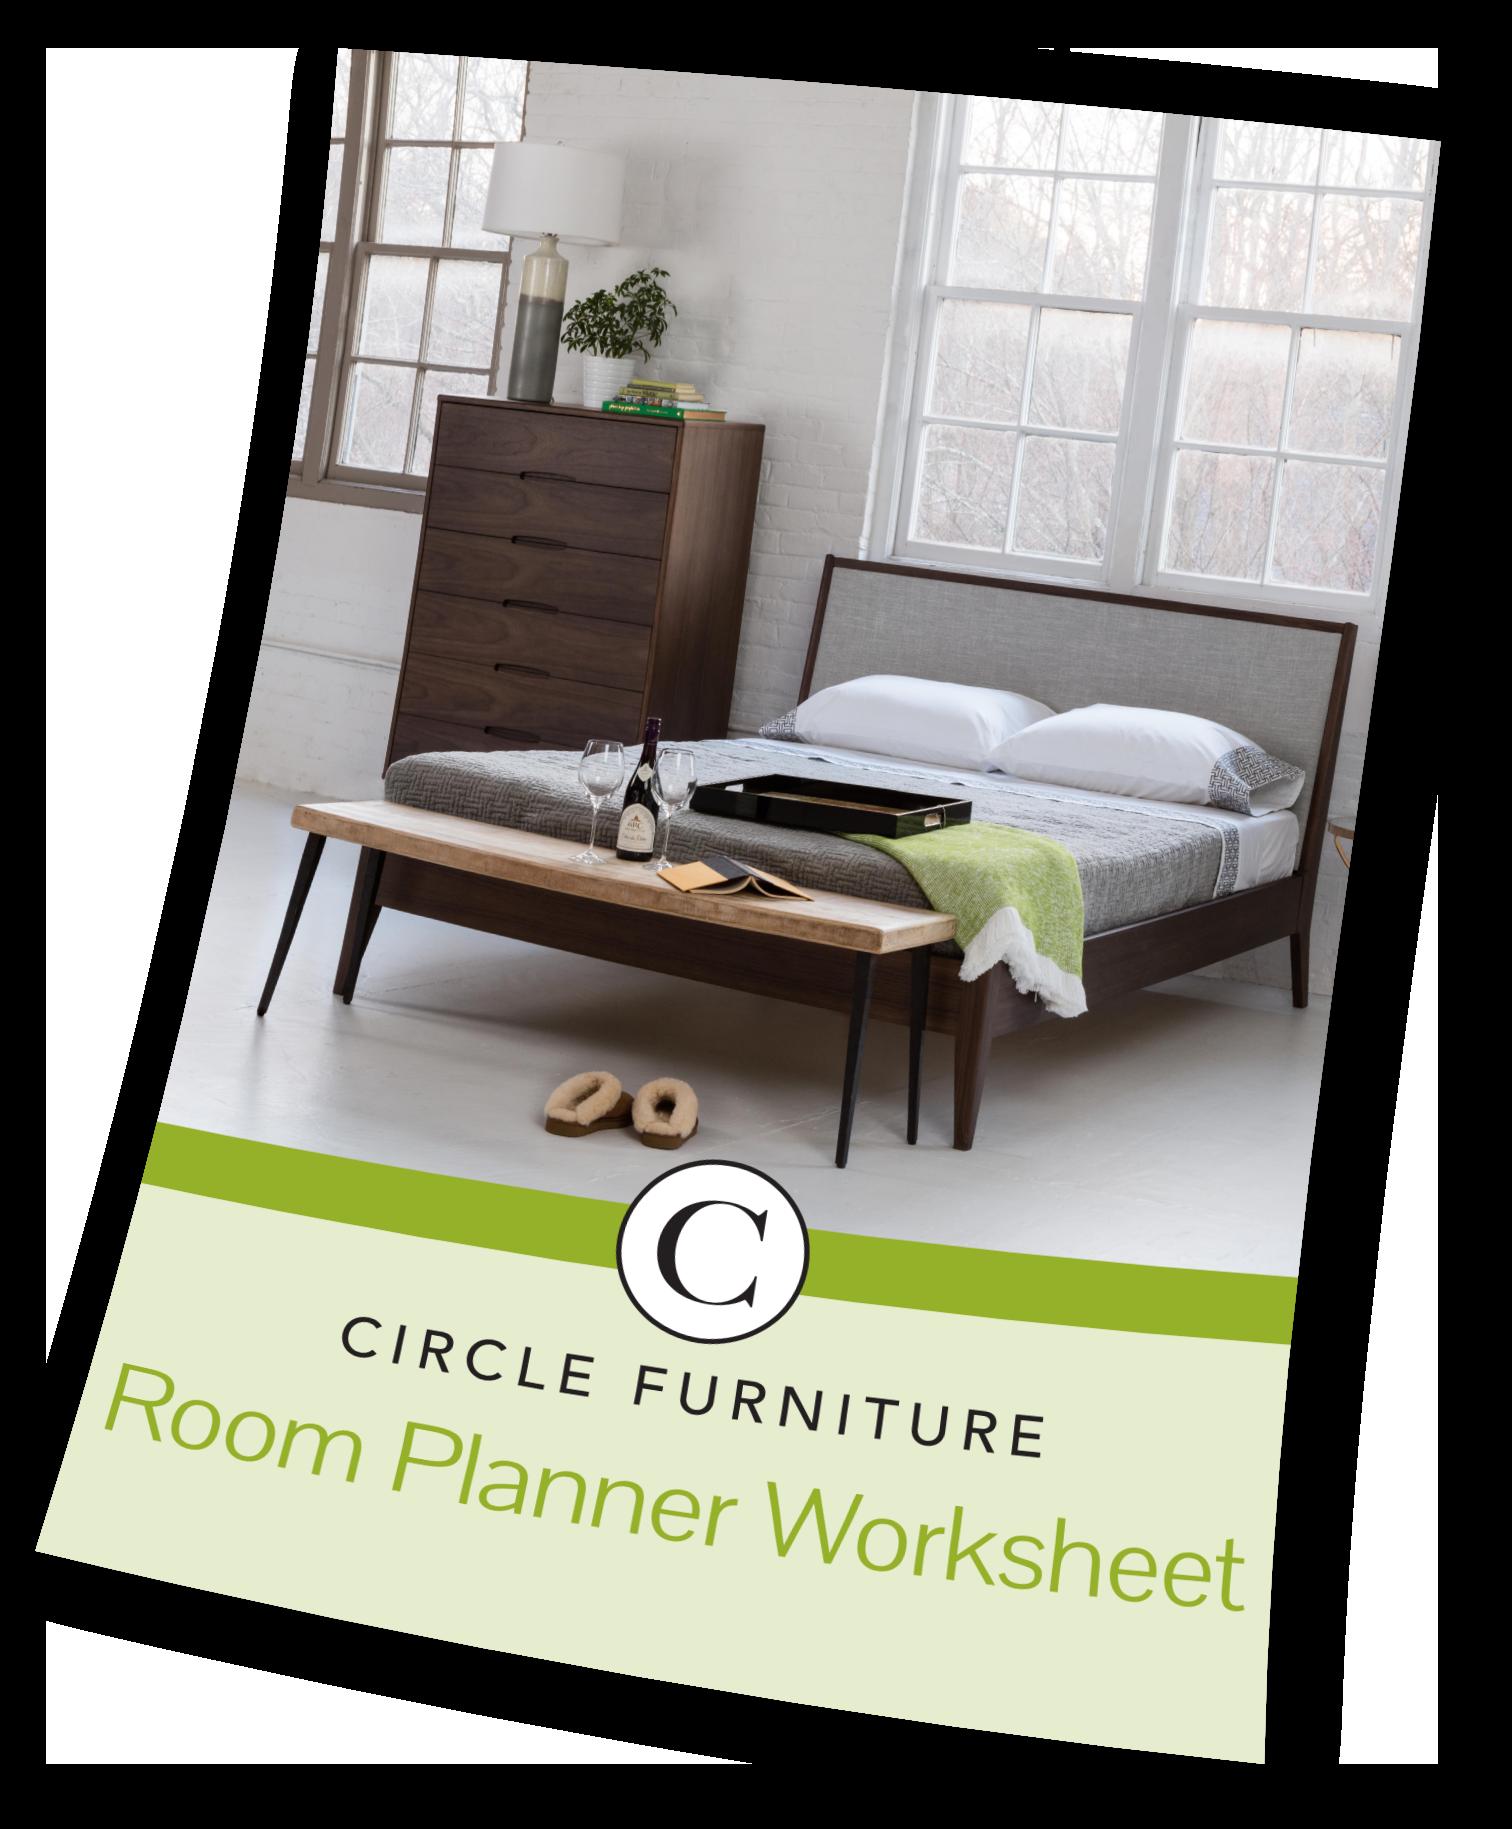 Superbe Room Planner Worksheet